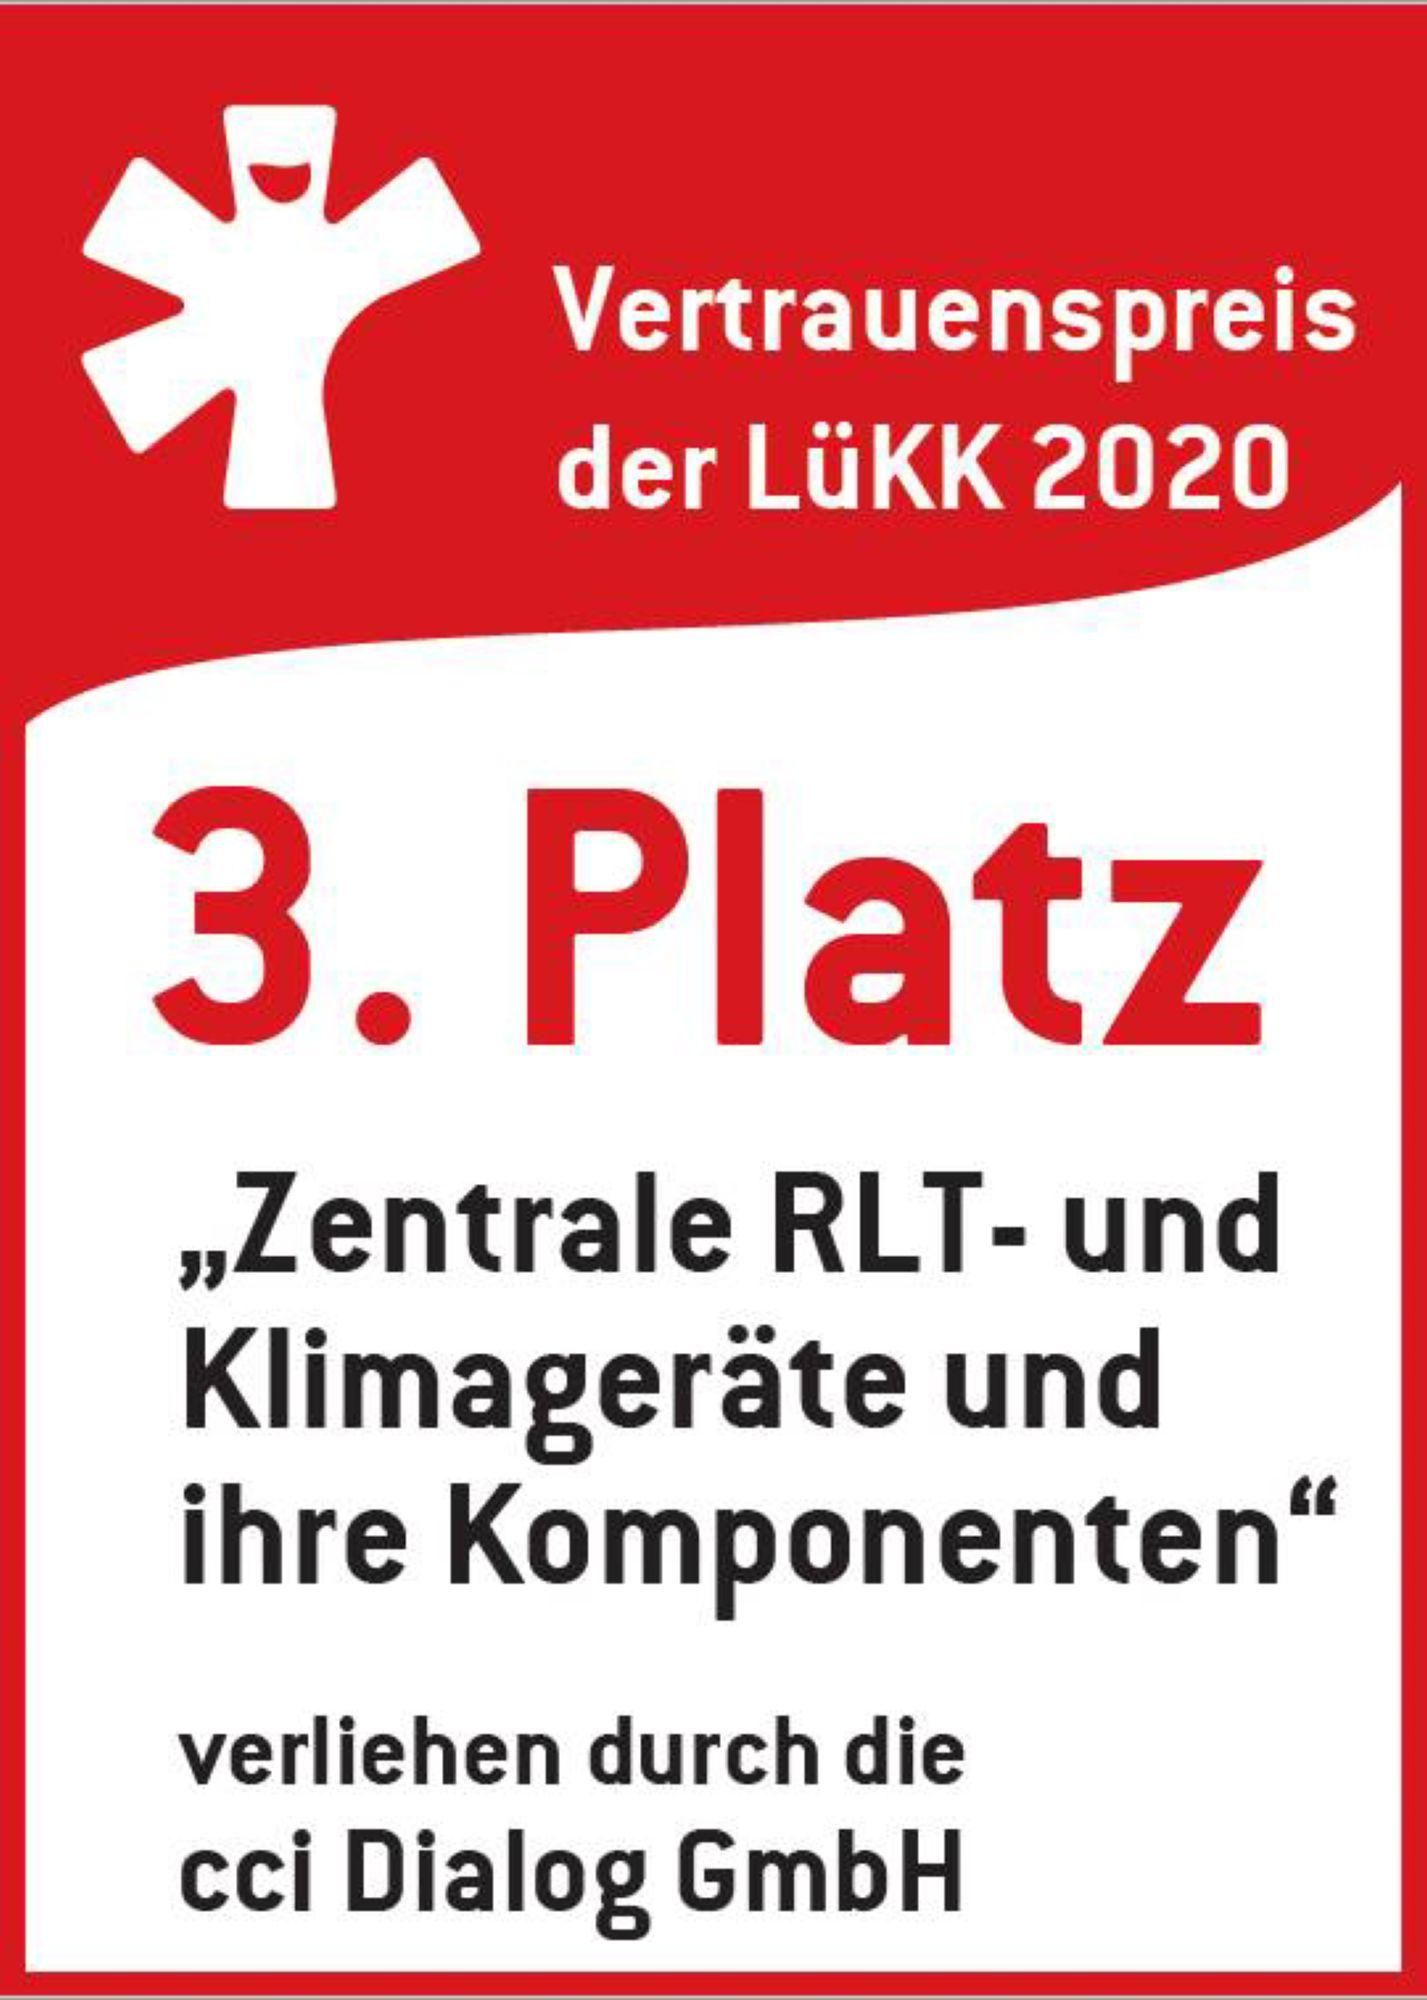 leukk-vertrauenspreis-cci-dialog-testo-platz3.PNG